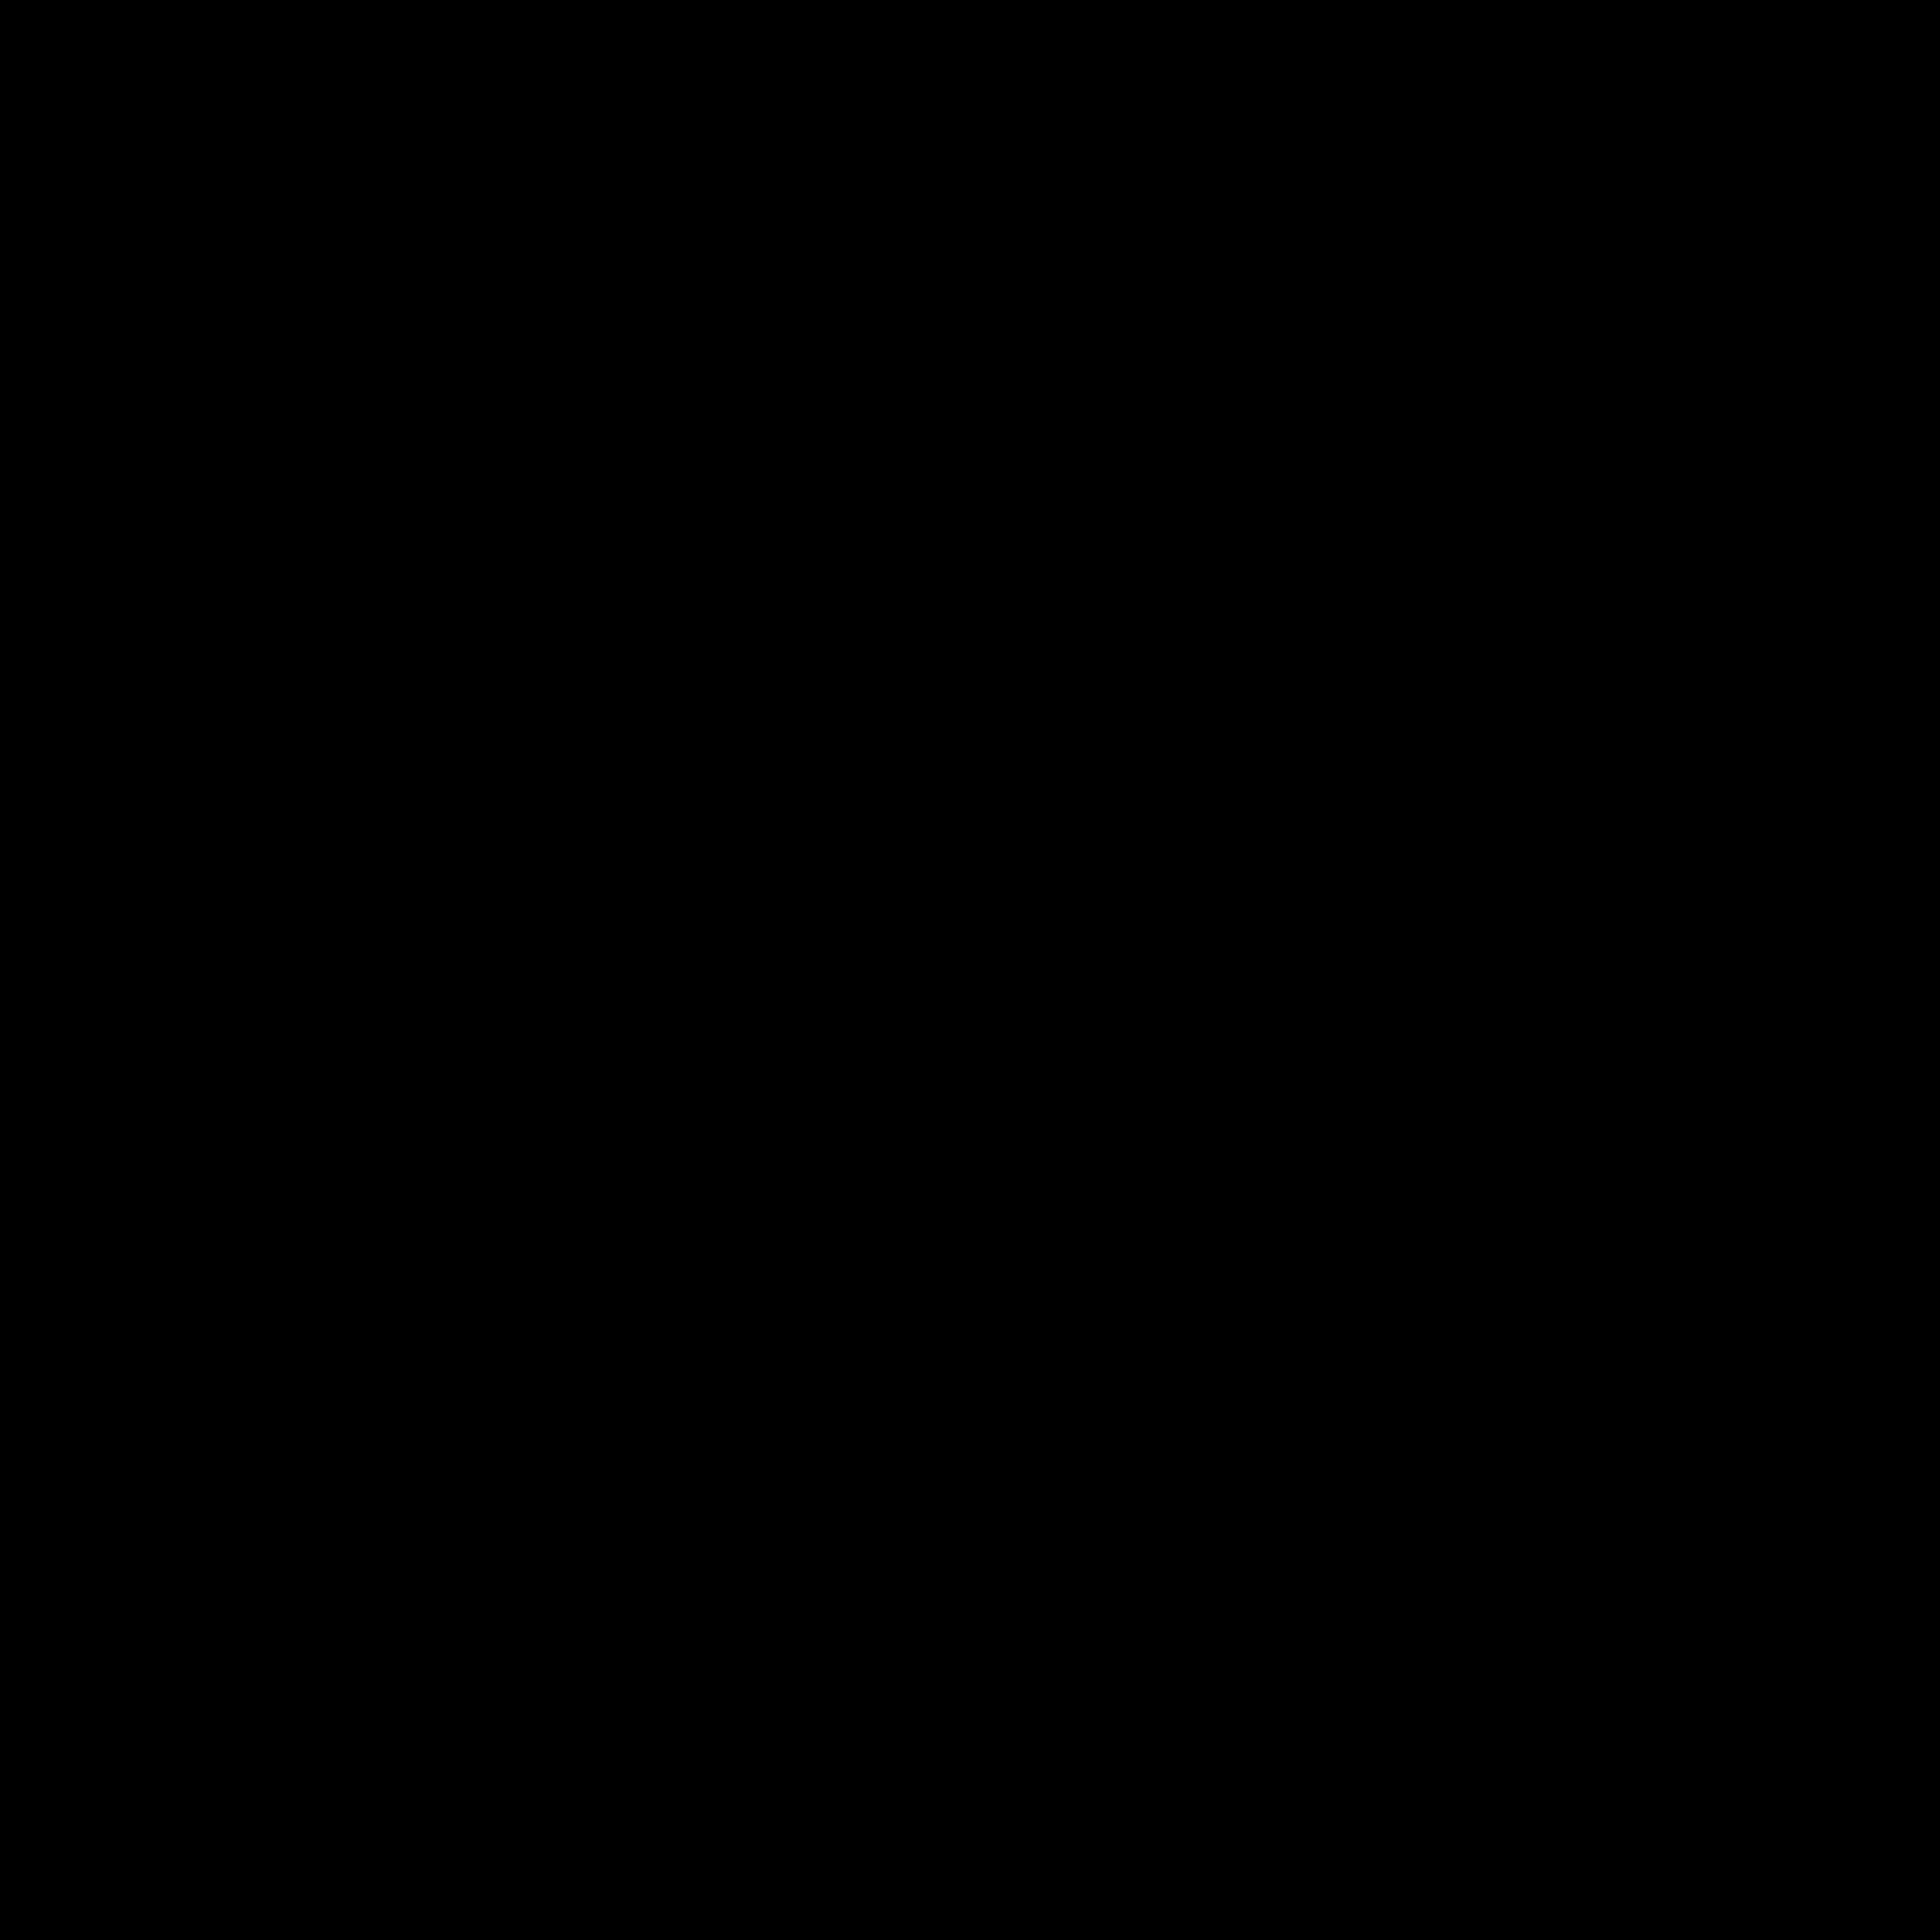 Cannondale Generators Inc.